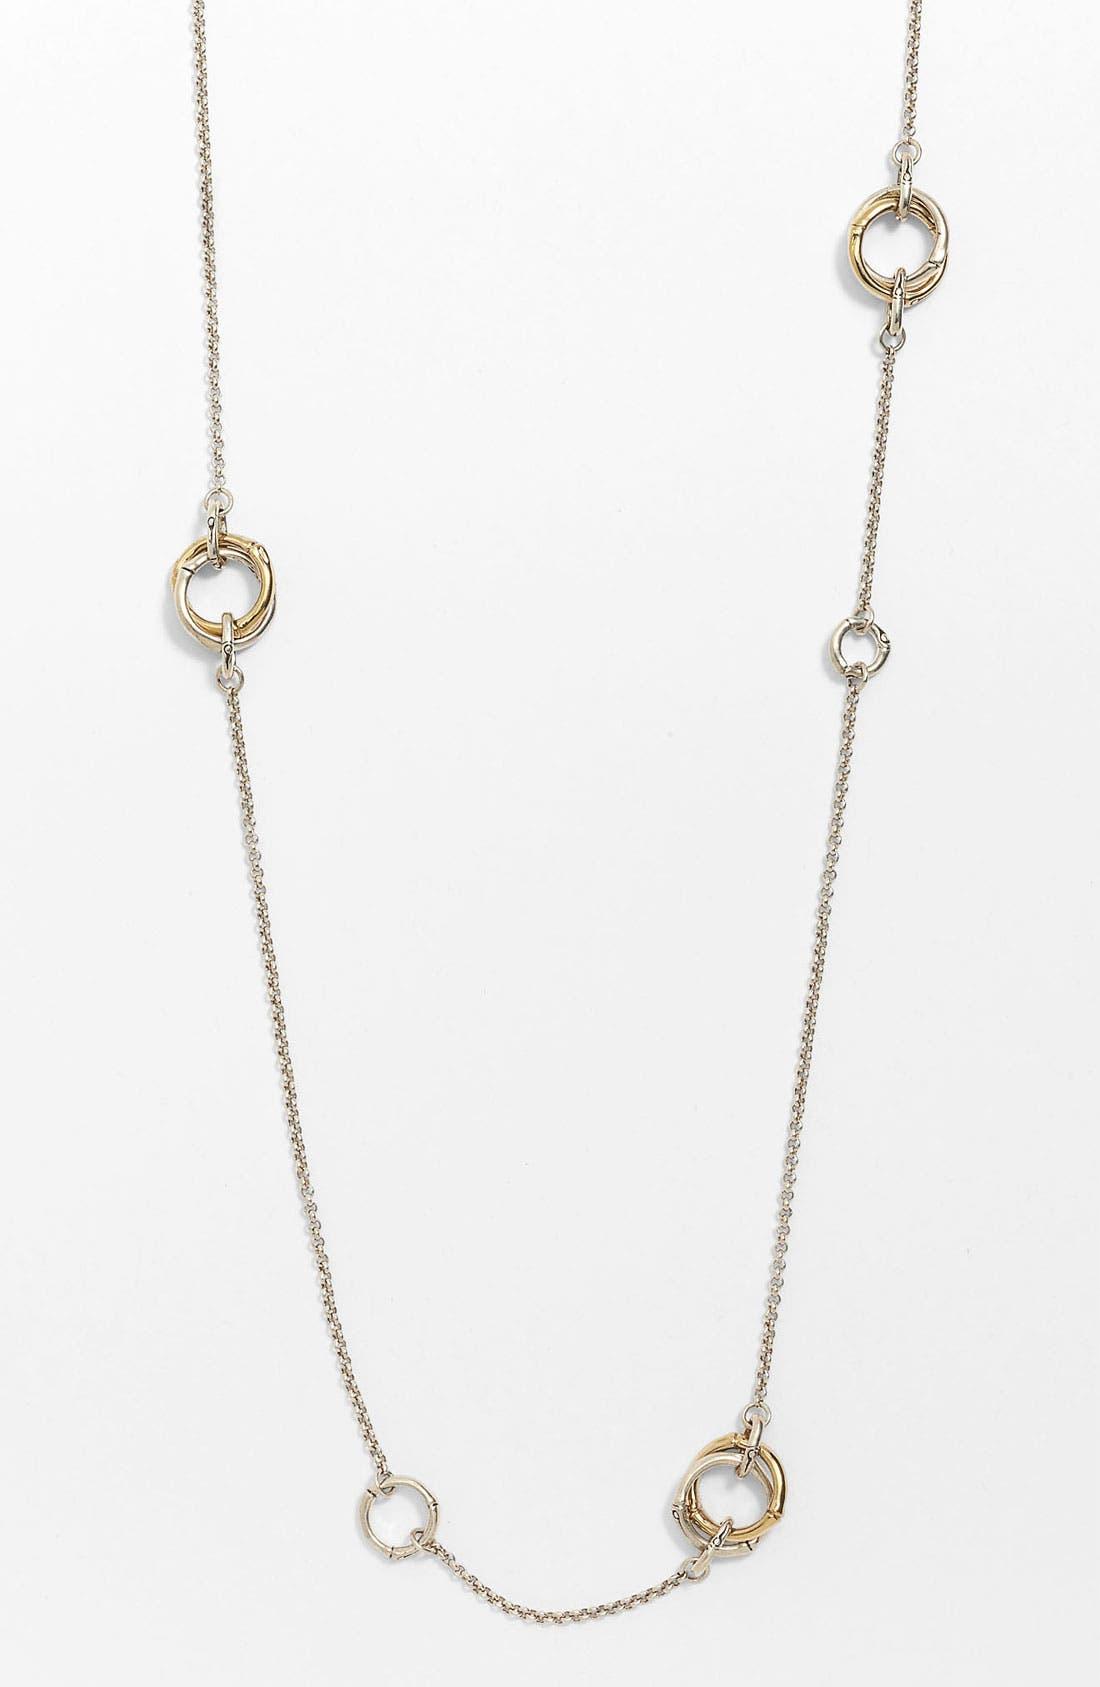 Main Image - John Hardy 'Bamboo' Long Station Necklace